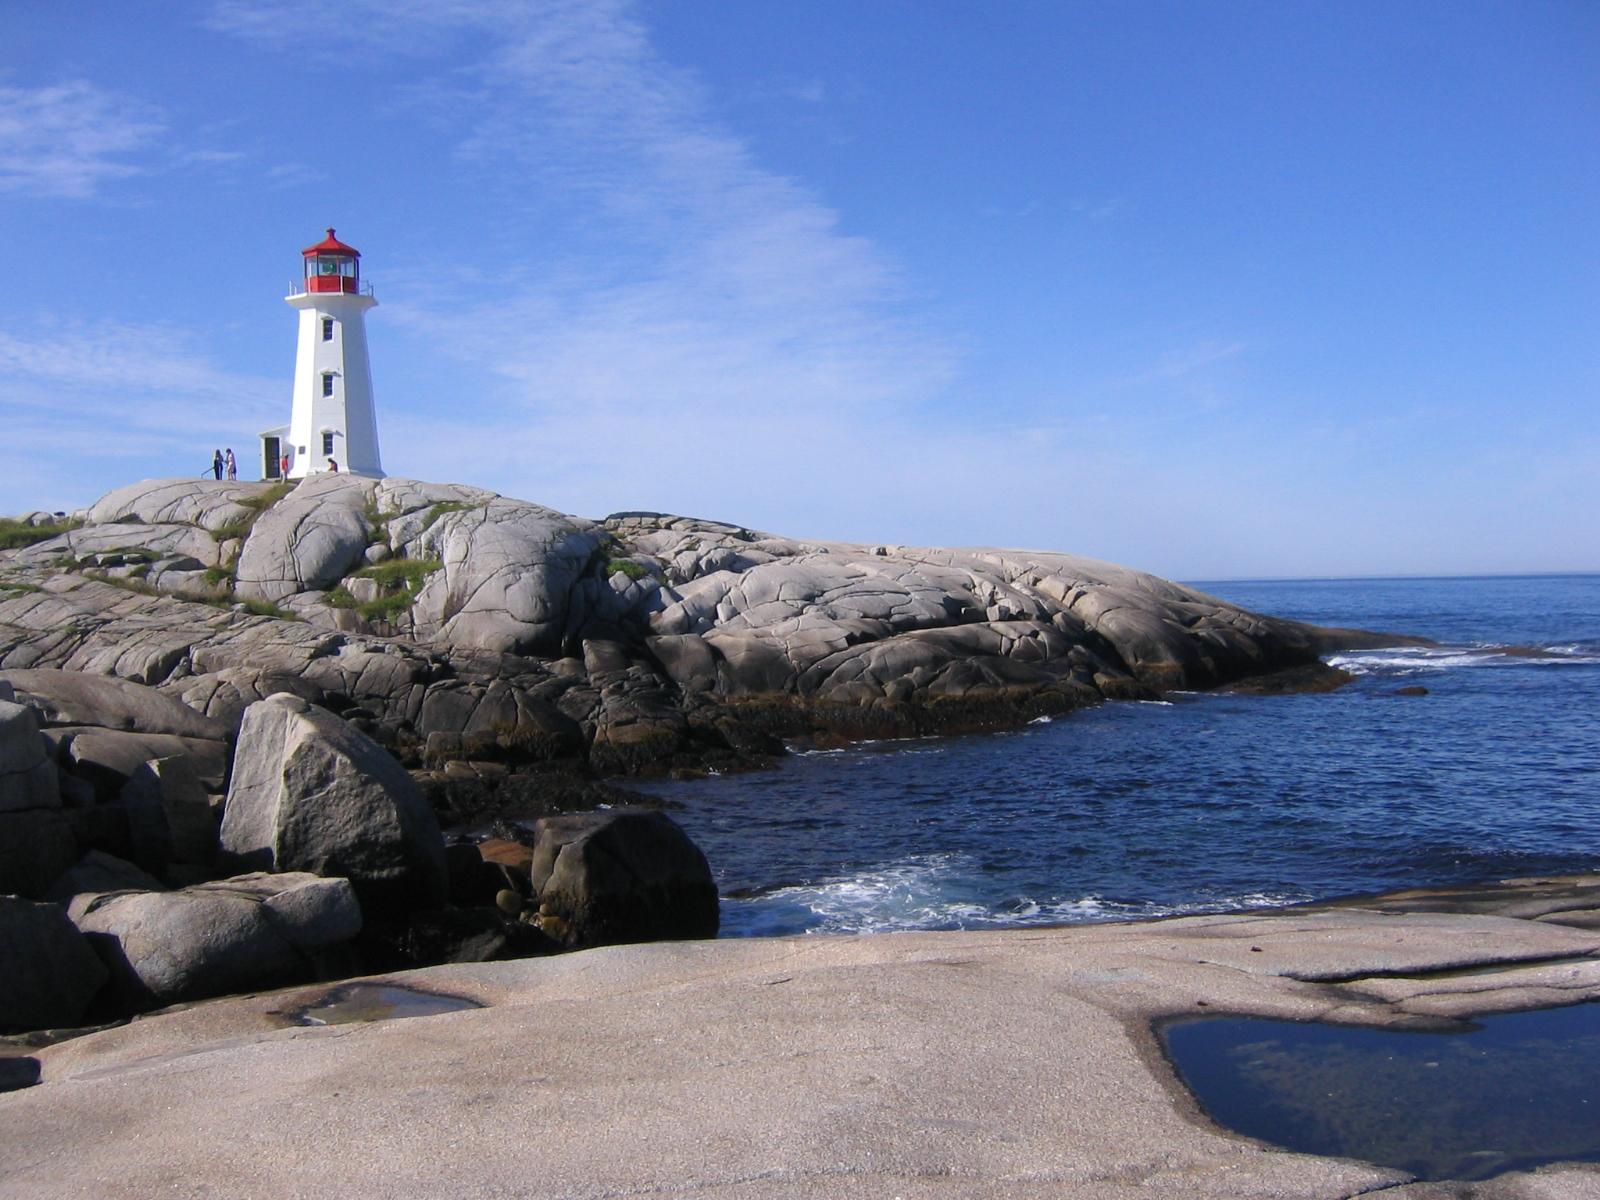 Lighthouse of Peggys Cove, Nova Scotia